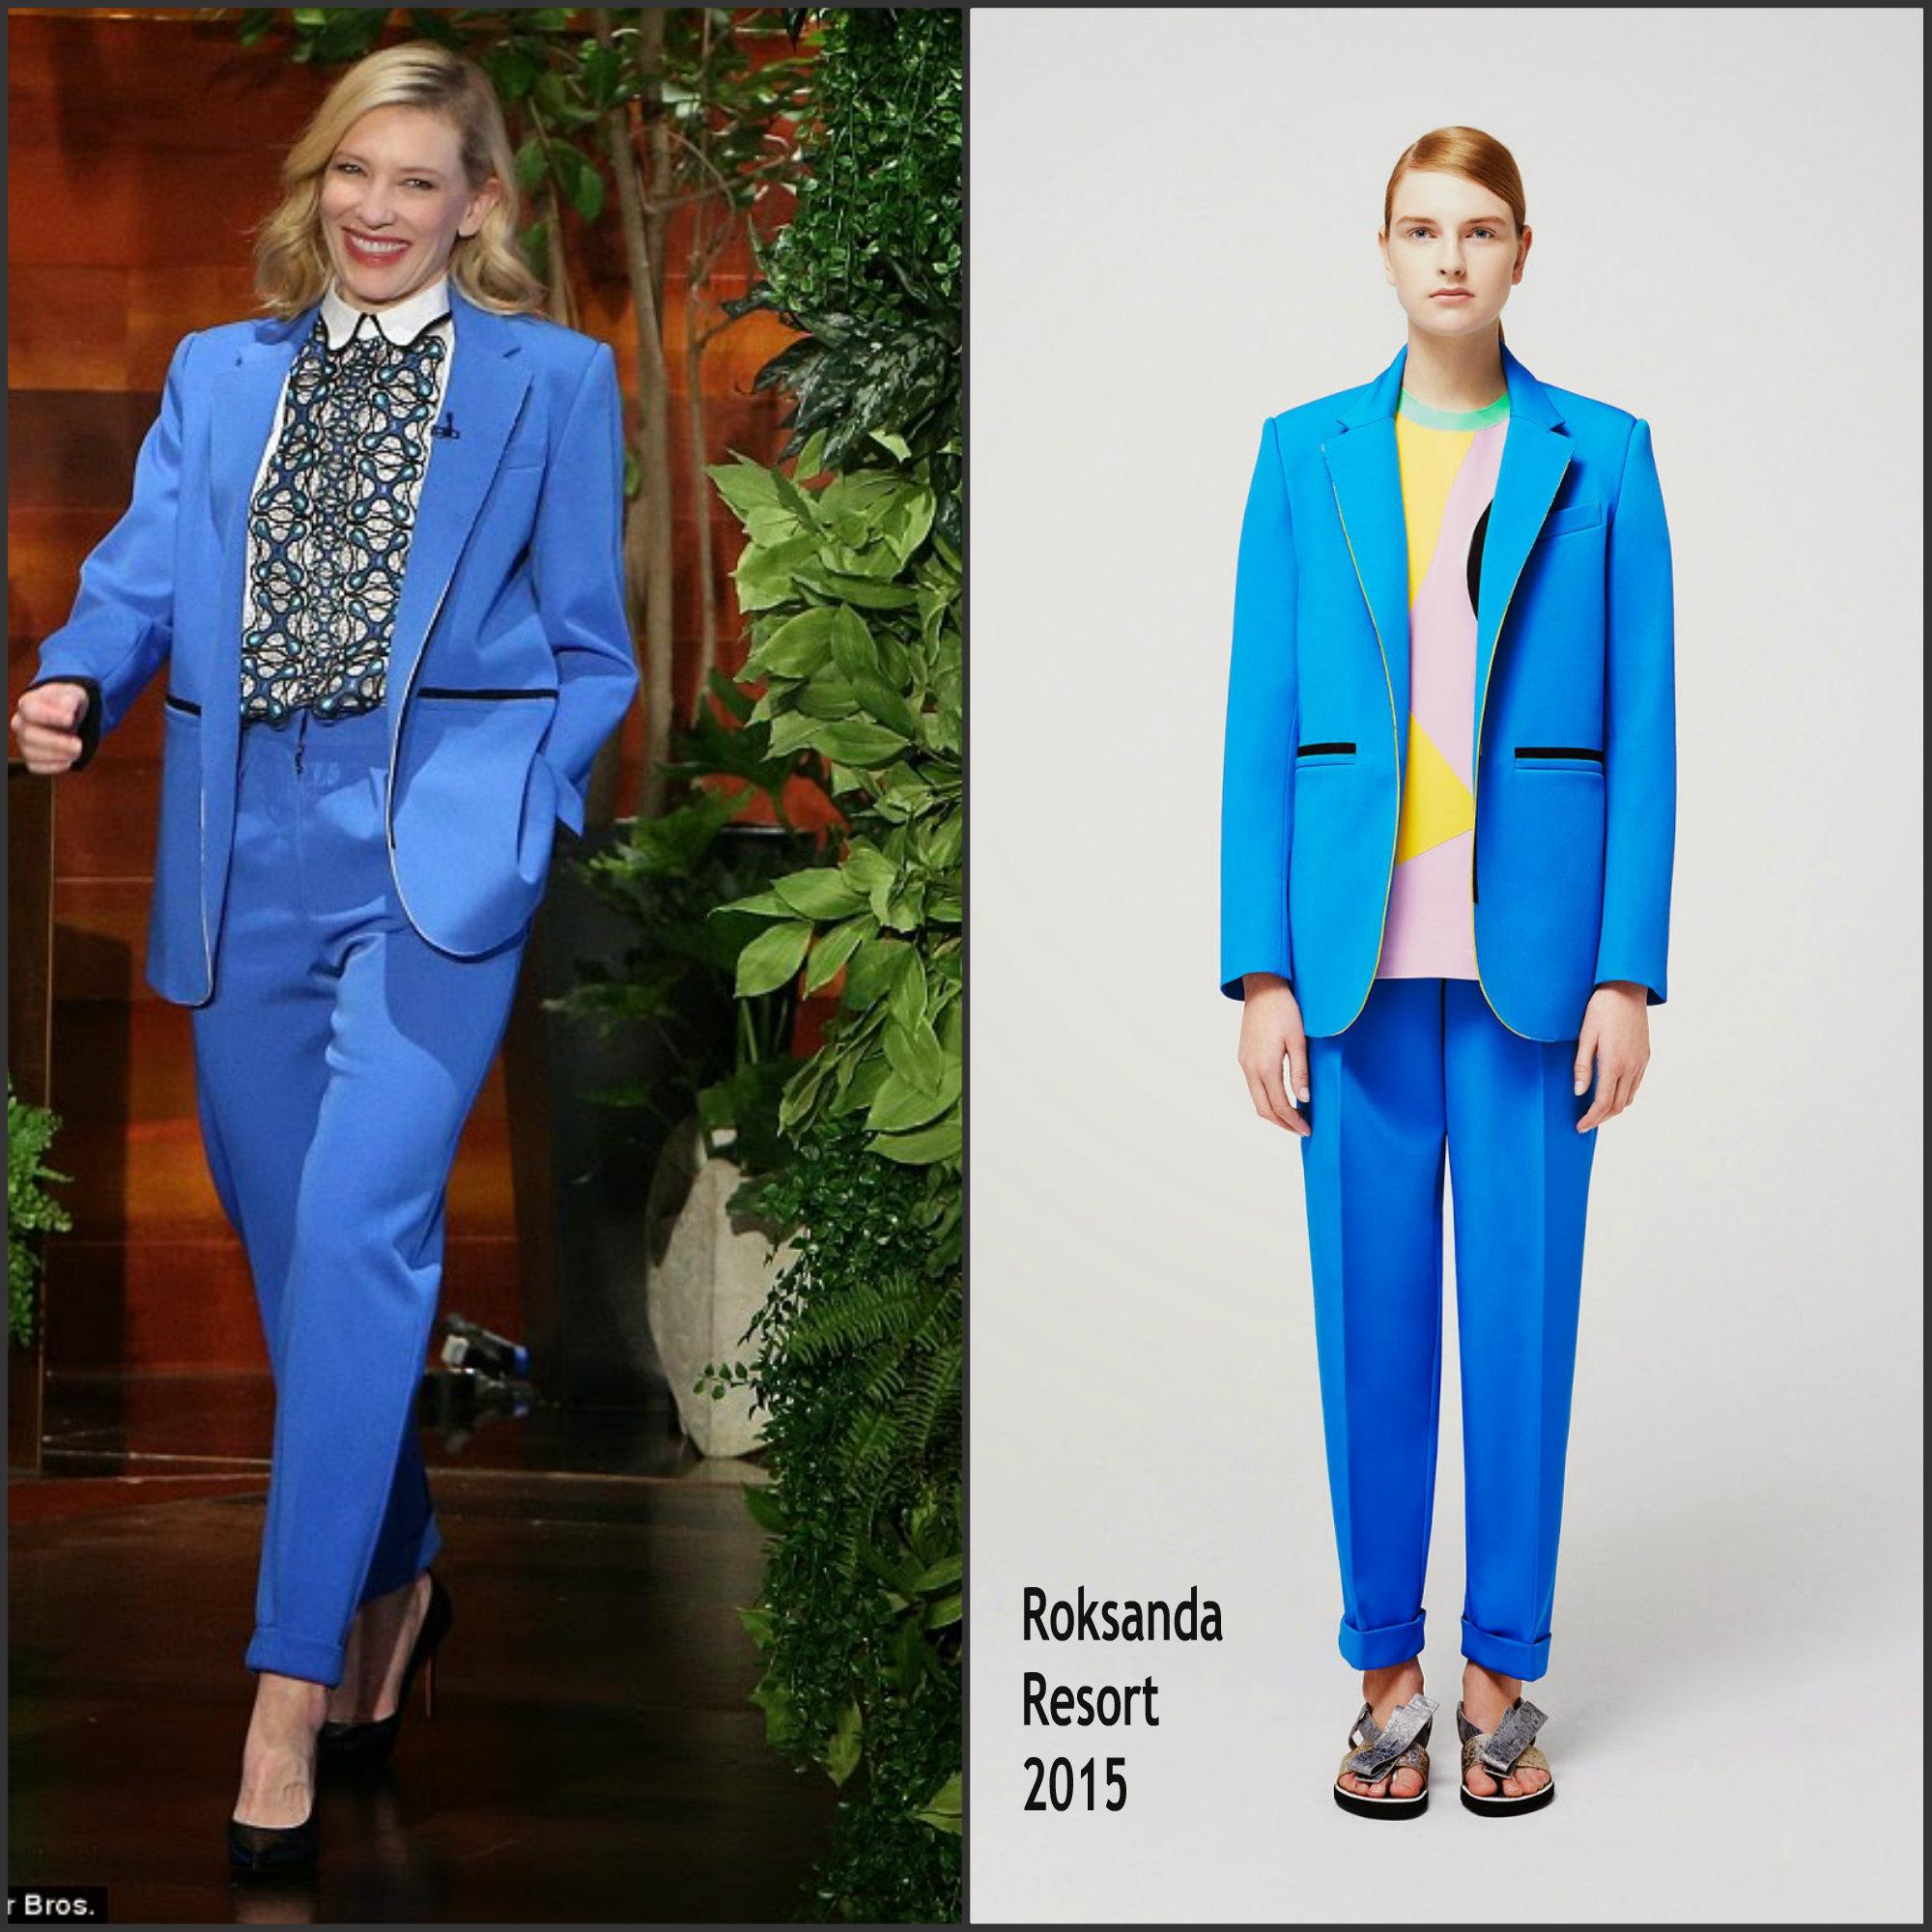 Cate-Blanchett-in-Roksanda-at-the-Ellen-Degeneres-Show